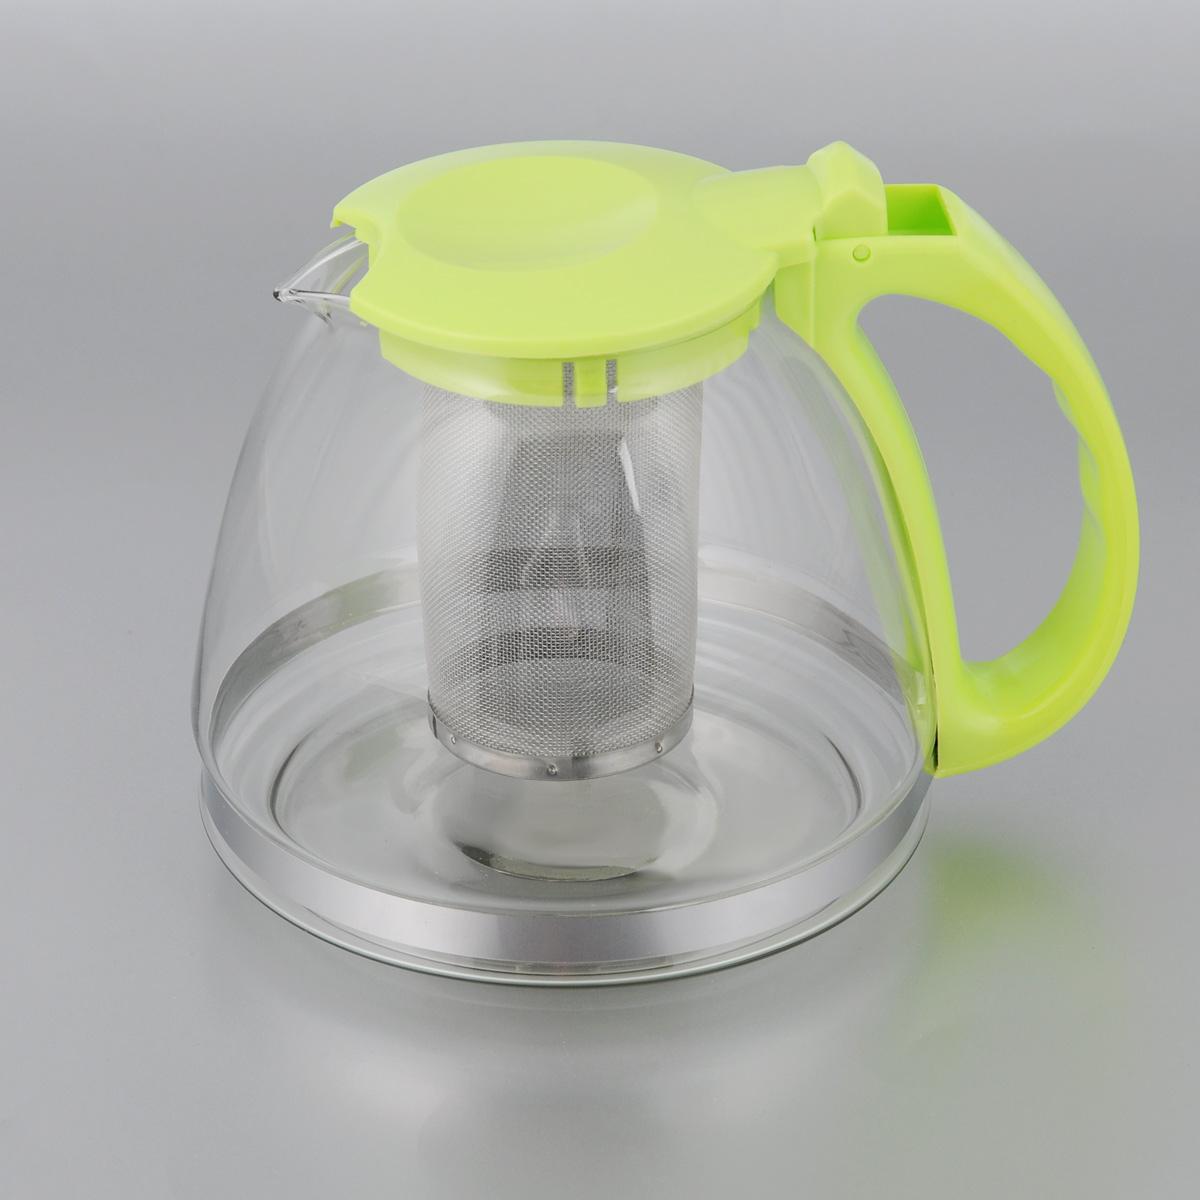 Чайник заварочный МФК-профит, с фильтром, цвет: светло-зеленый, 1,3 л чайник заварочный мфк профит белла 900 мл